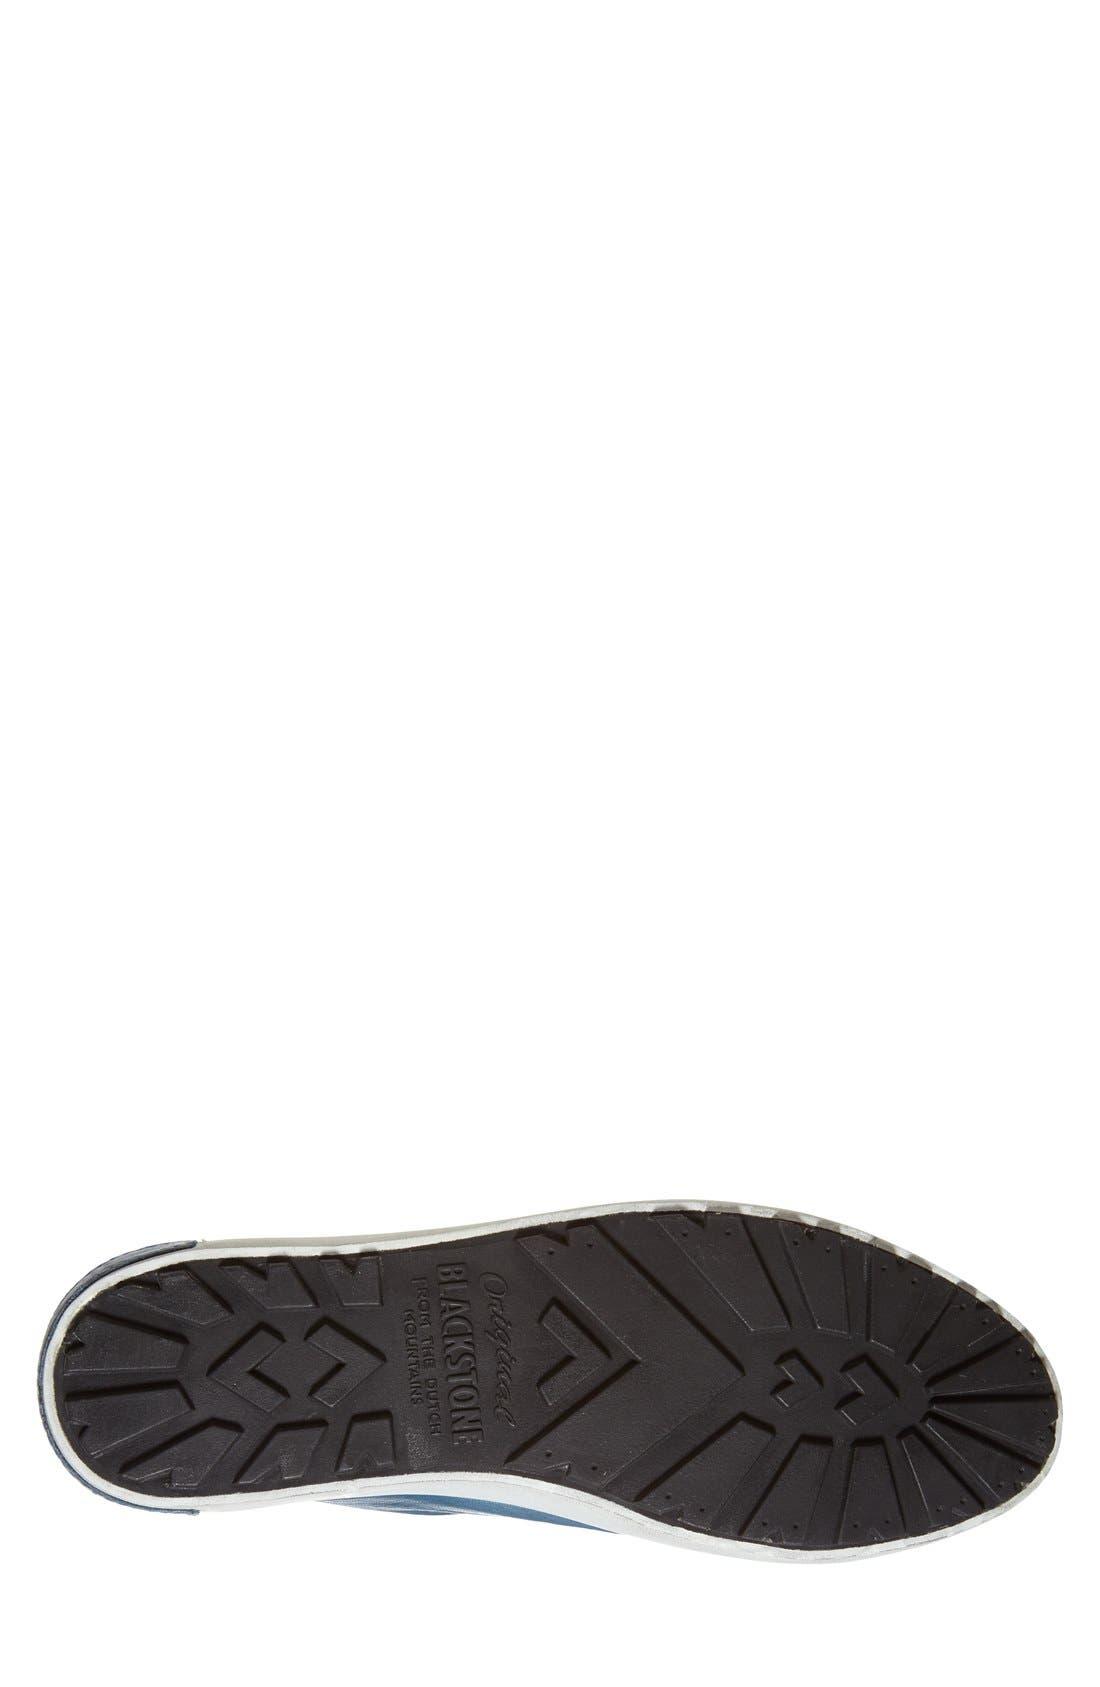 'JM03' Sneaker,                             Alternate thumbnail 2, color,                             Light Indigo Leather